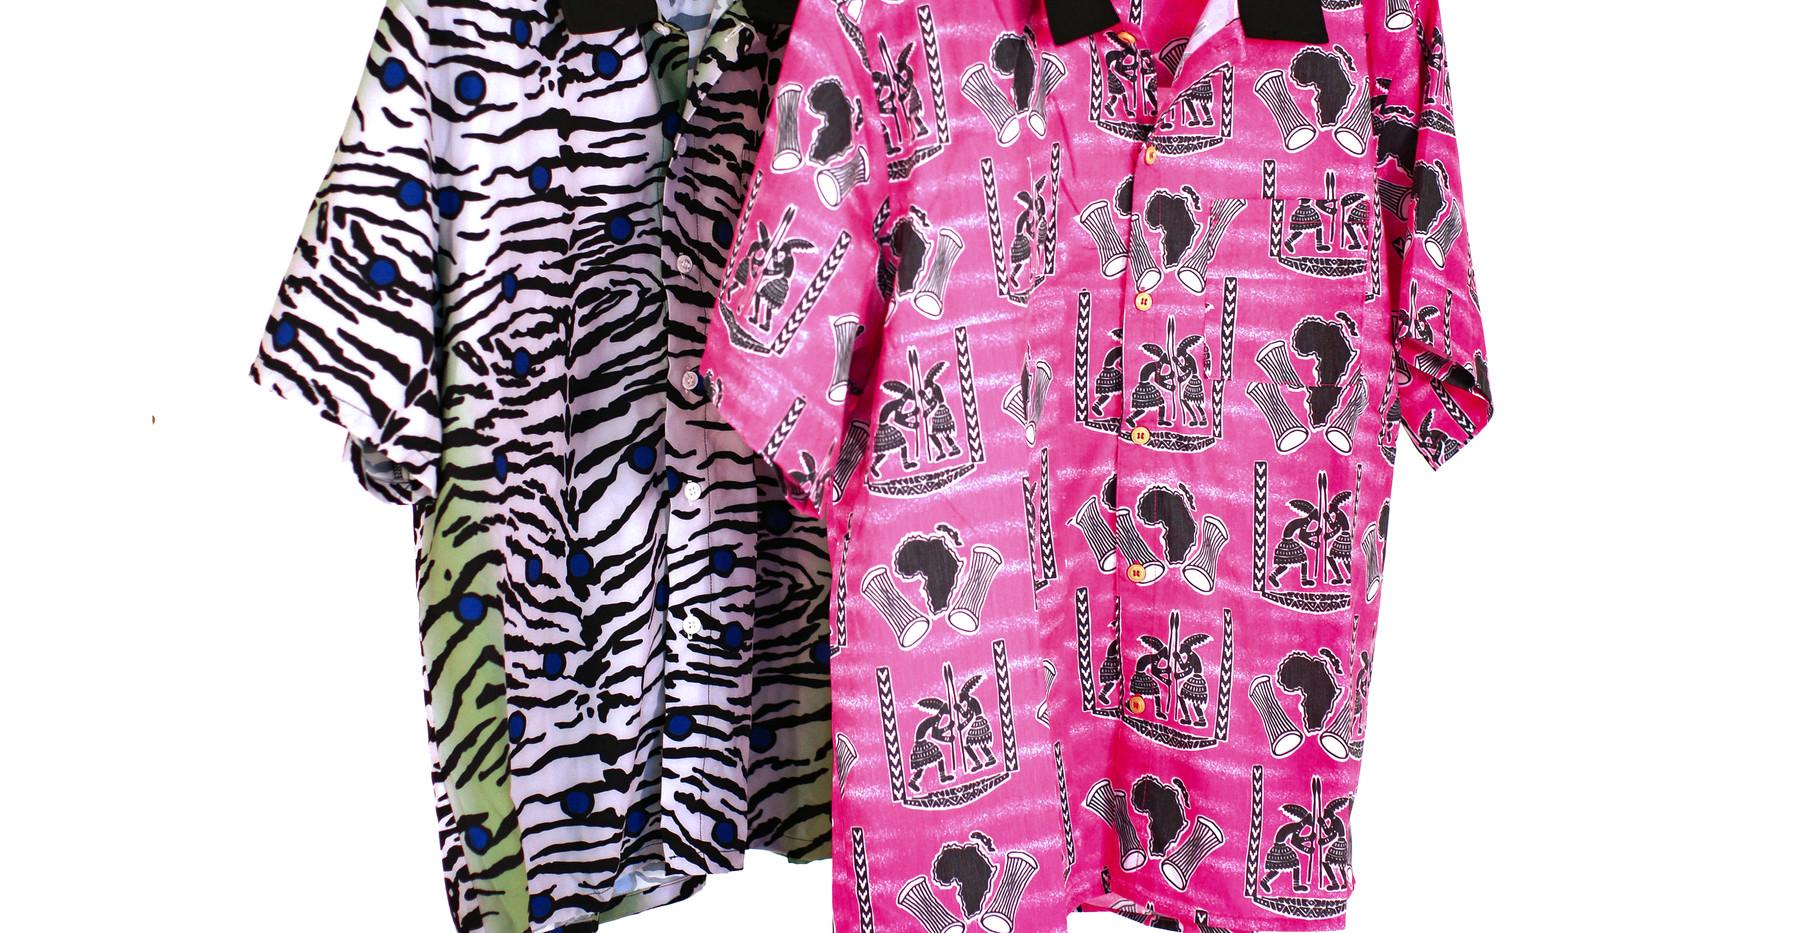 buttonshirts.jpg